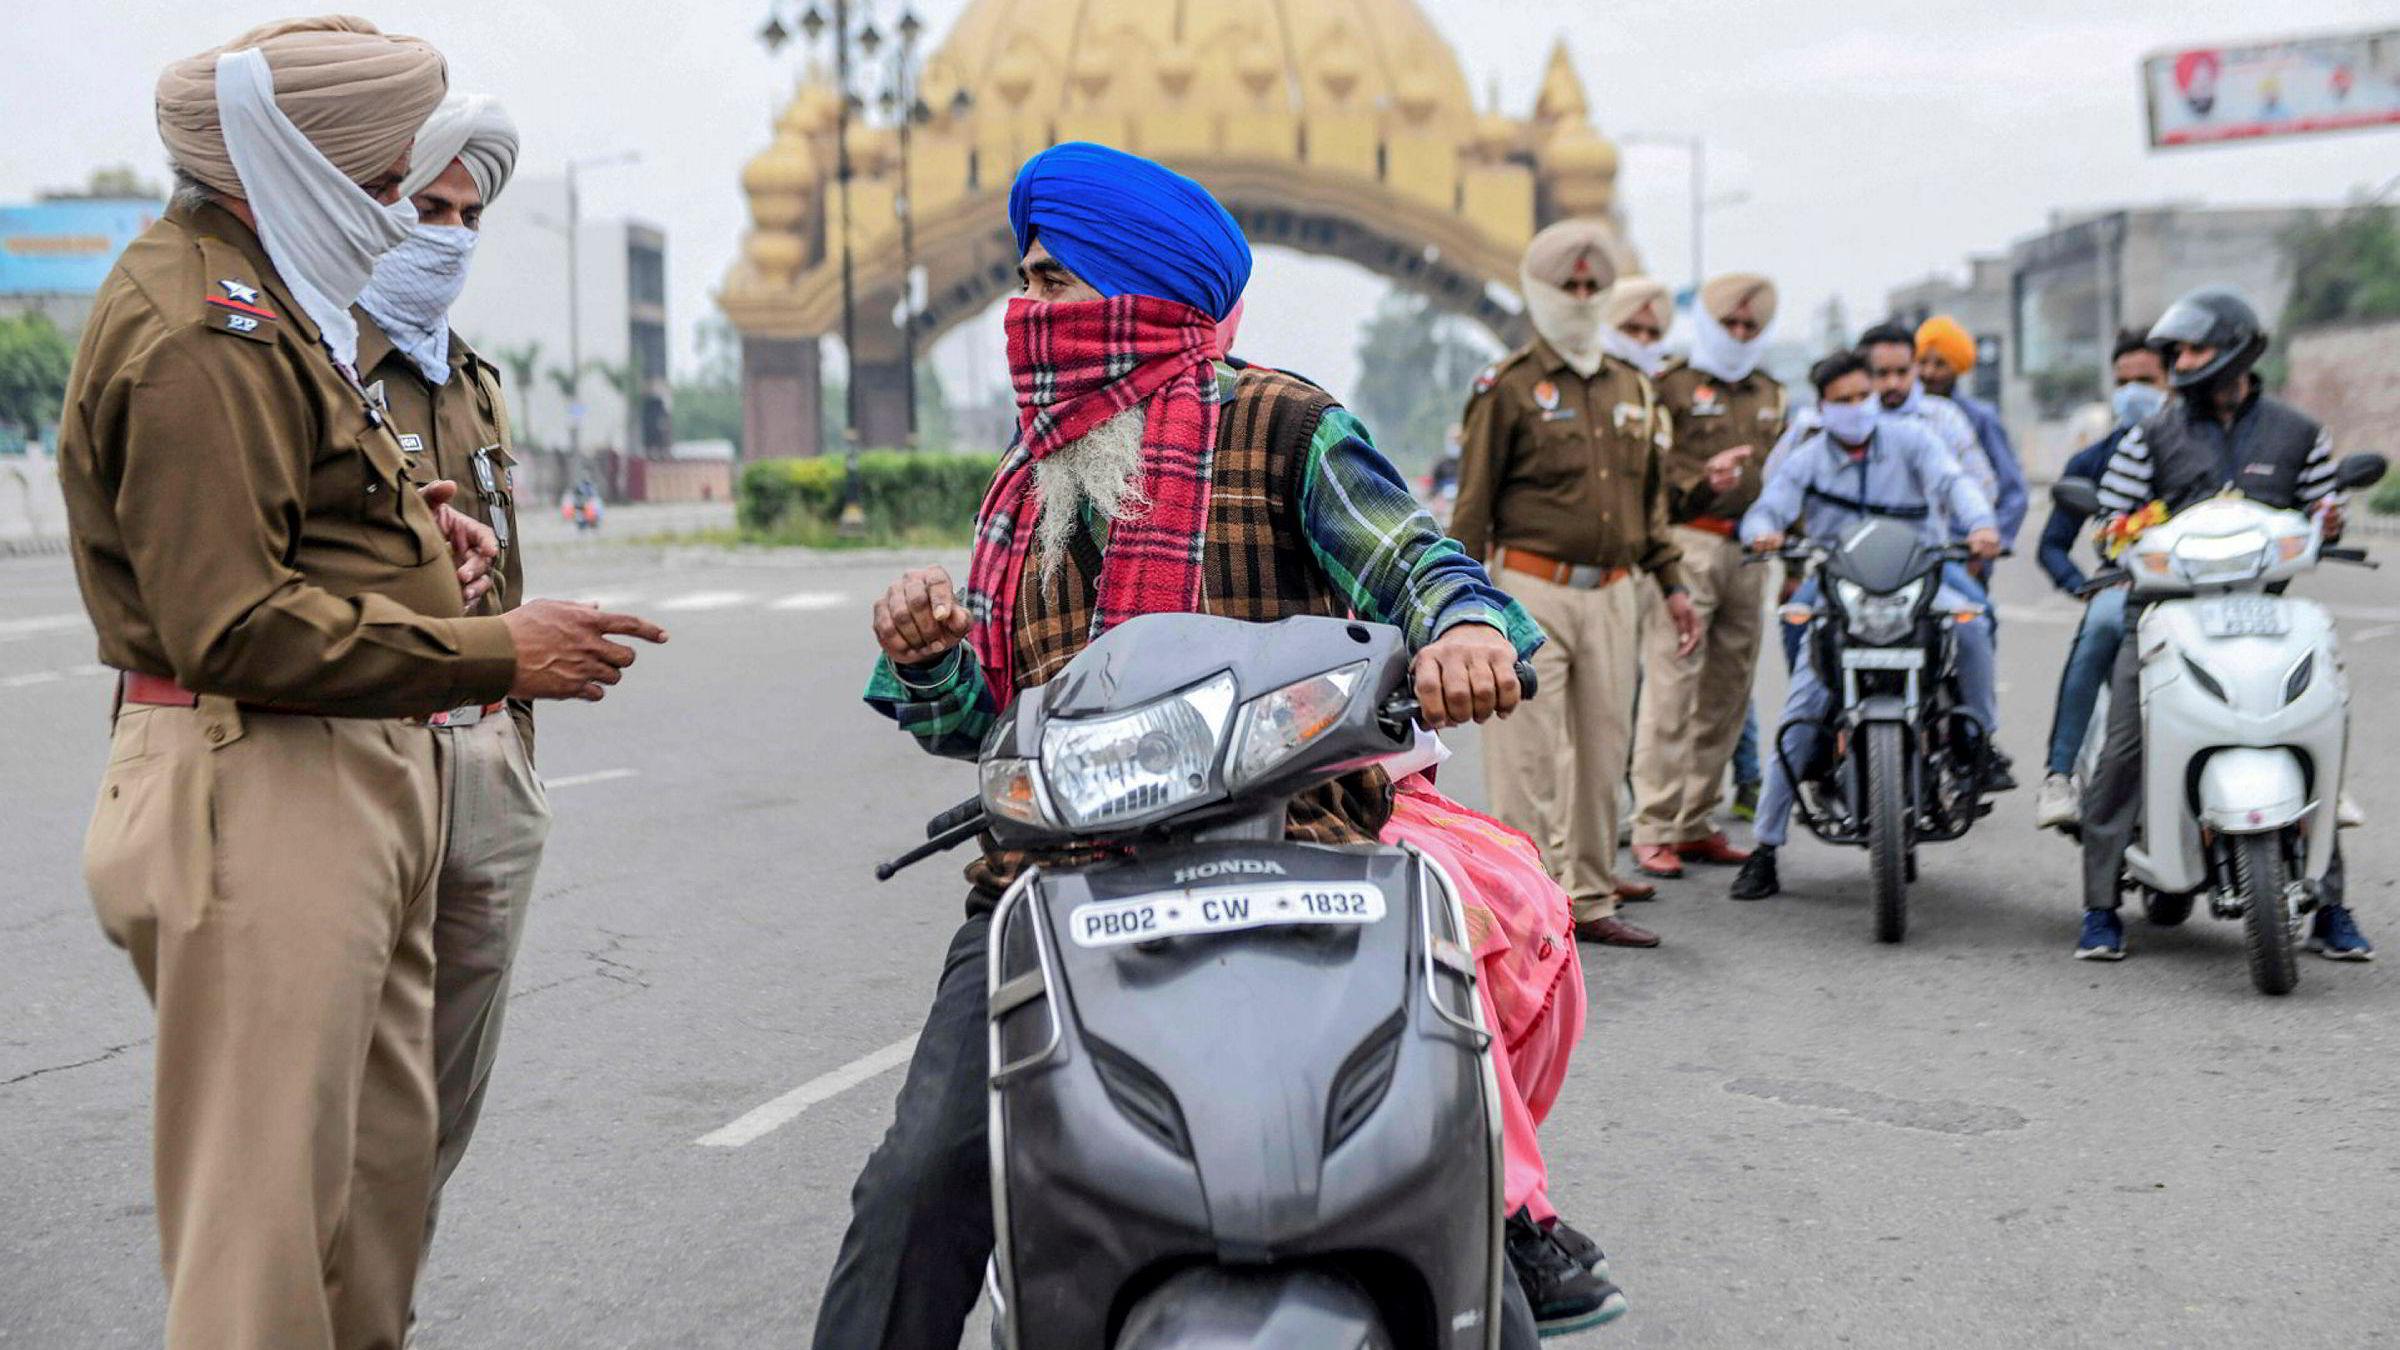 Politi er satt inn i India for å be befolkningen om å holde seg innendørs. Det har foreløpig vært svært begrenset bekreftet spredning av koronaviruset.